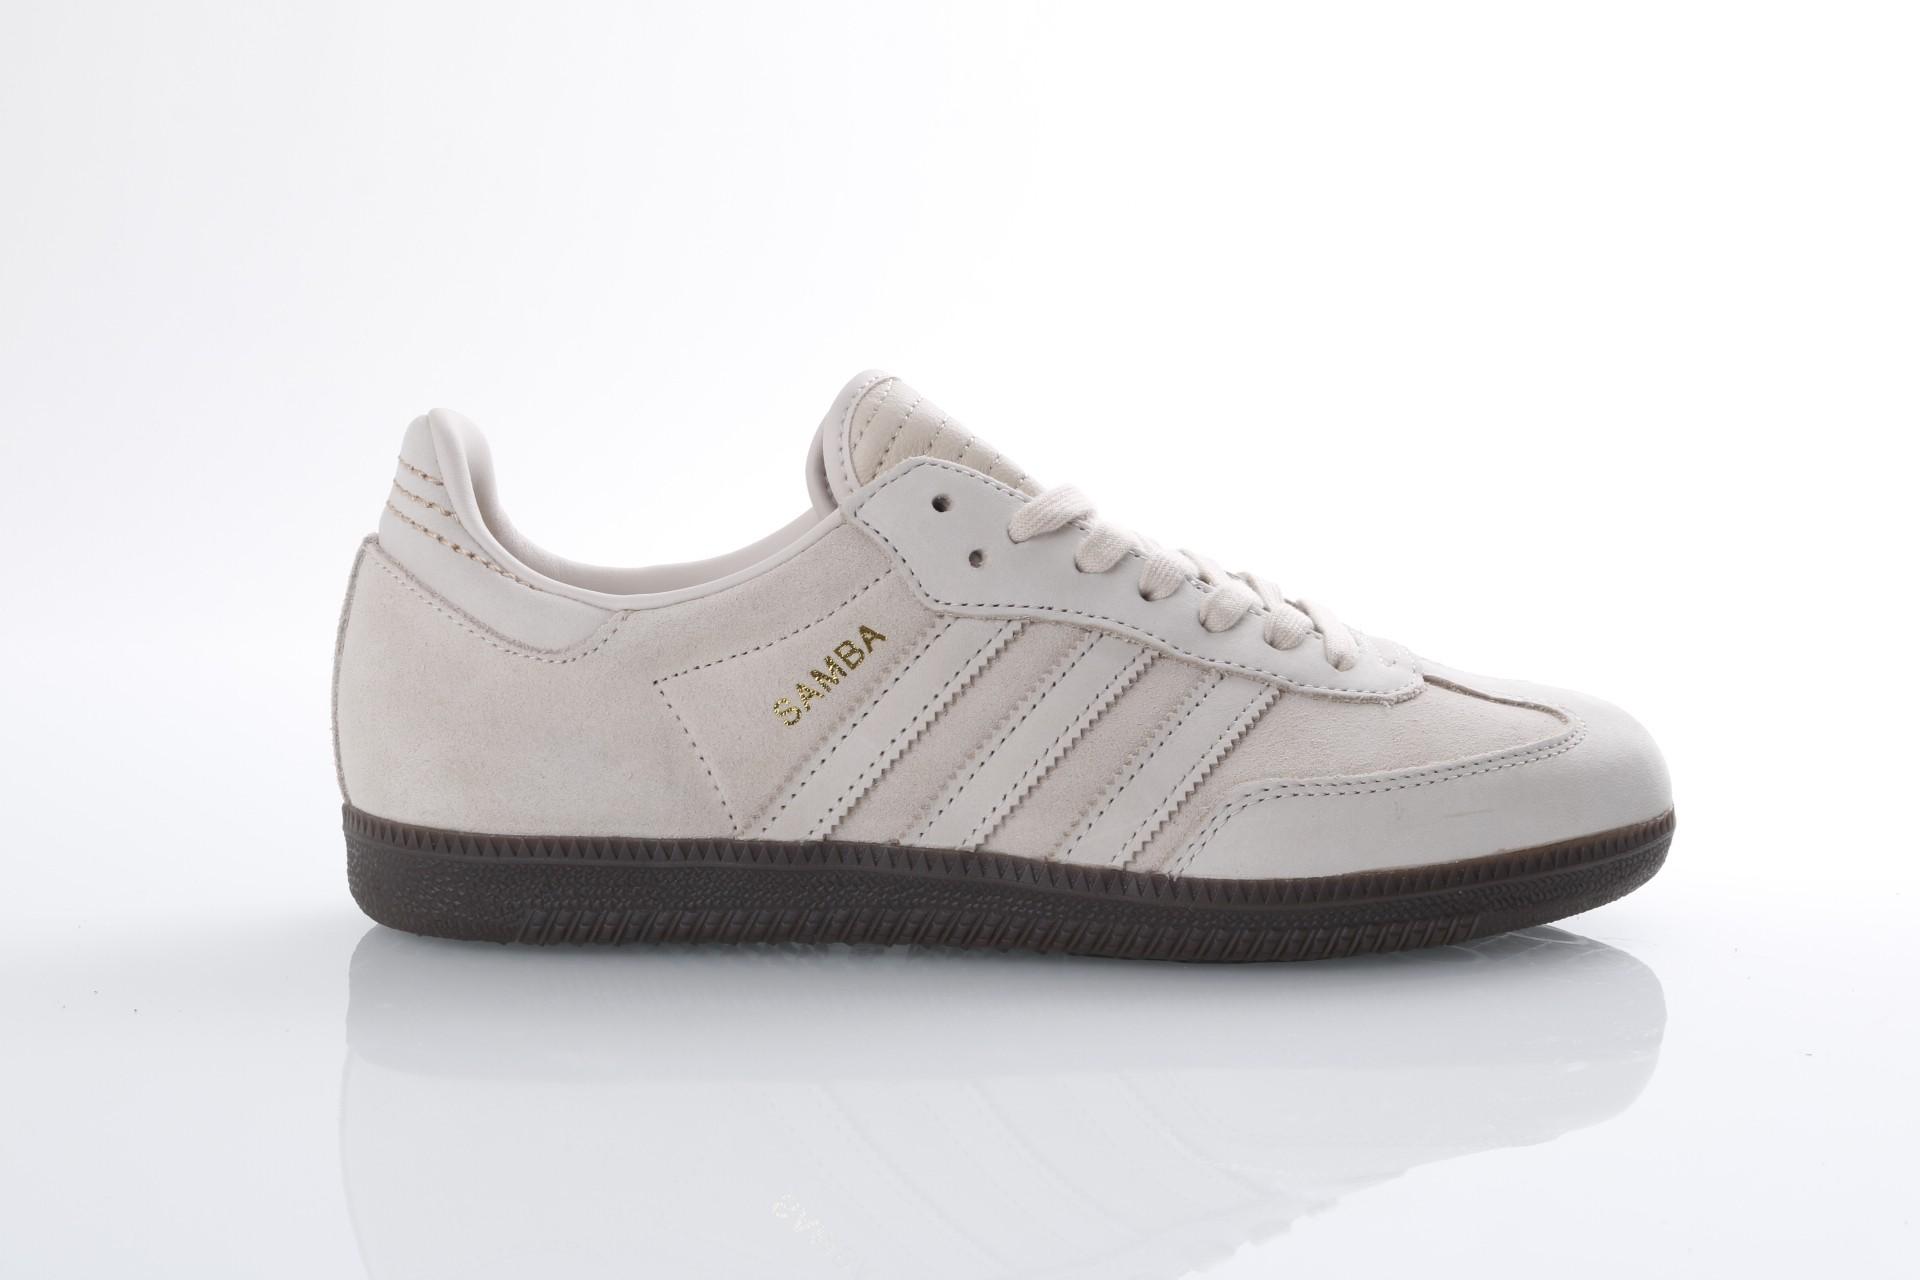 Foto van Adidas Originals CQ2090 Sneakers Samba fb Linen/linen/gold metallic